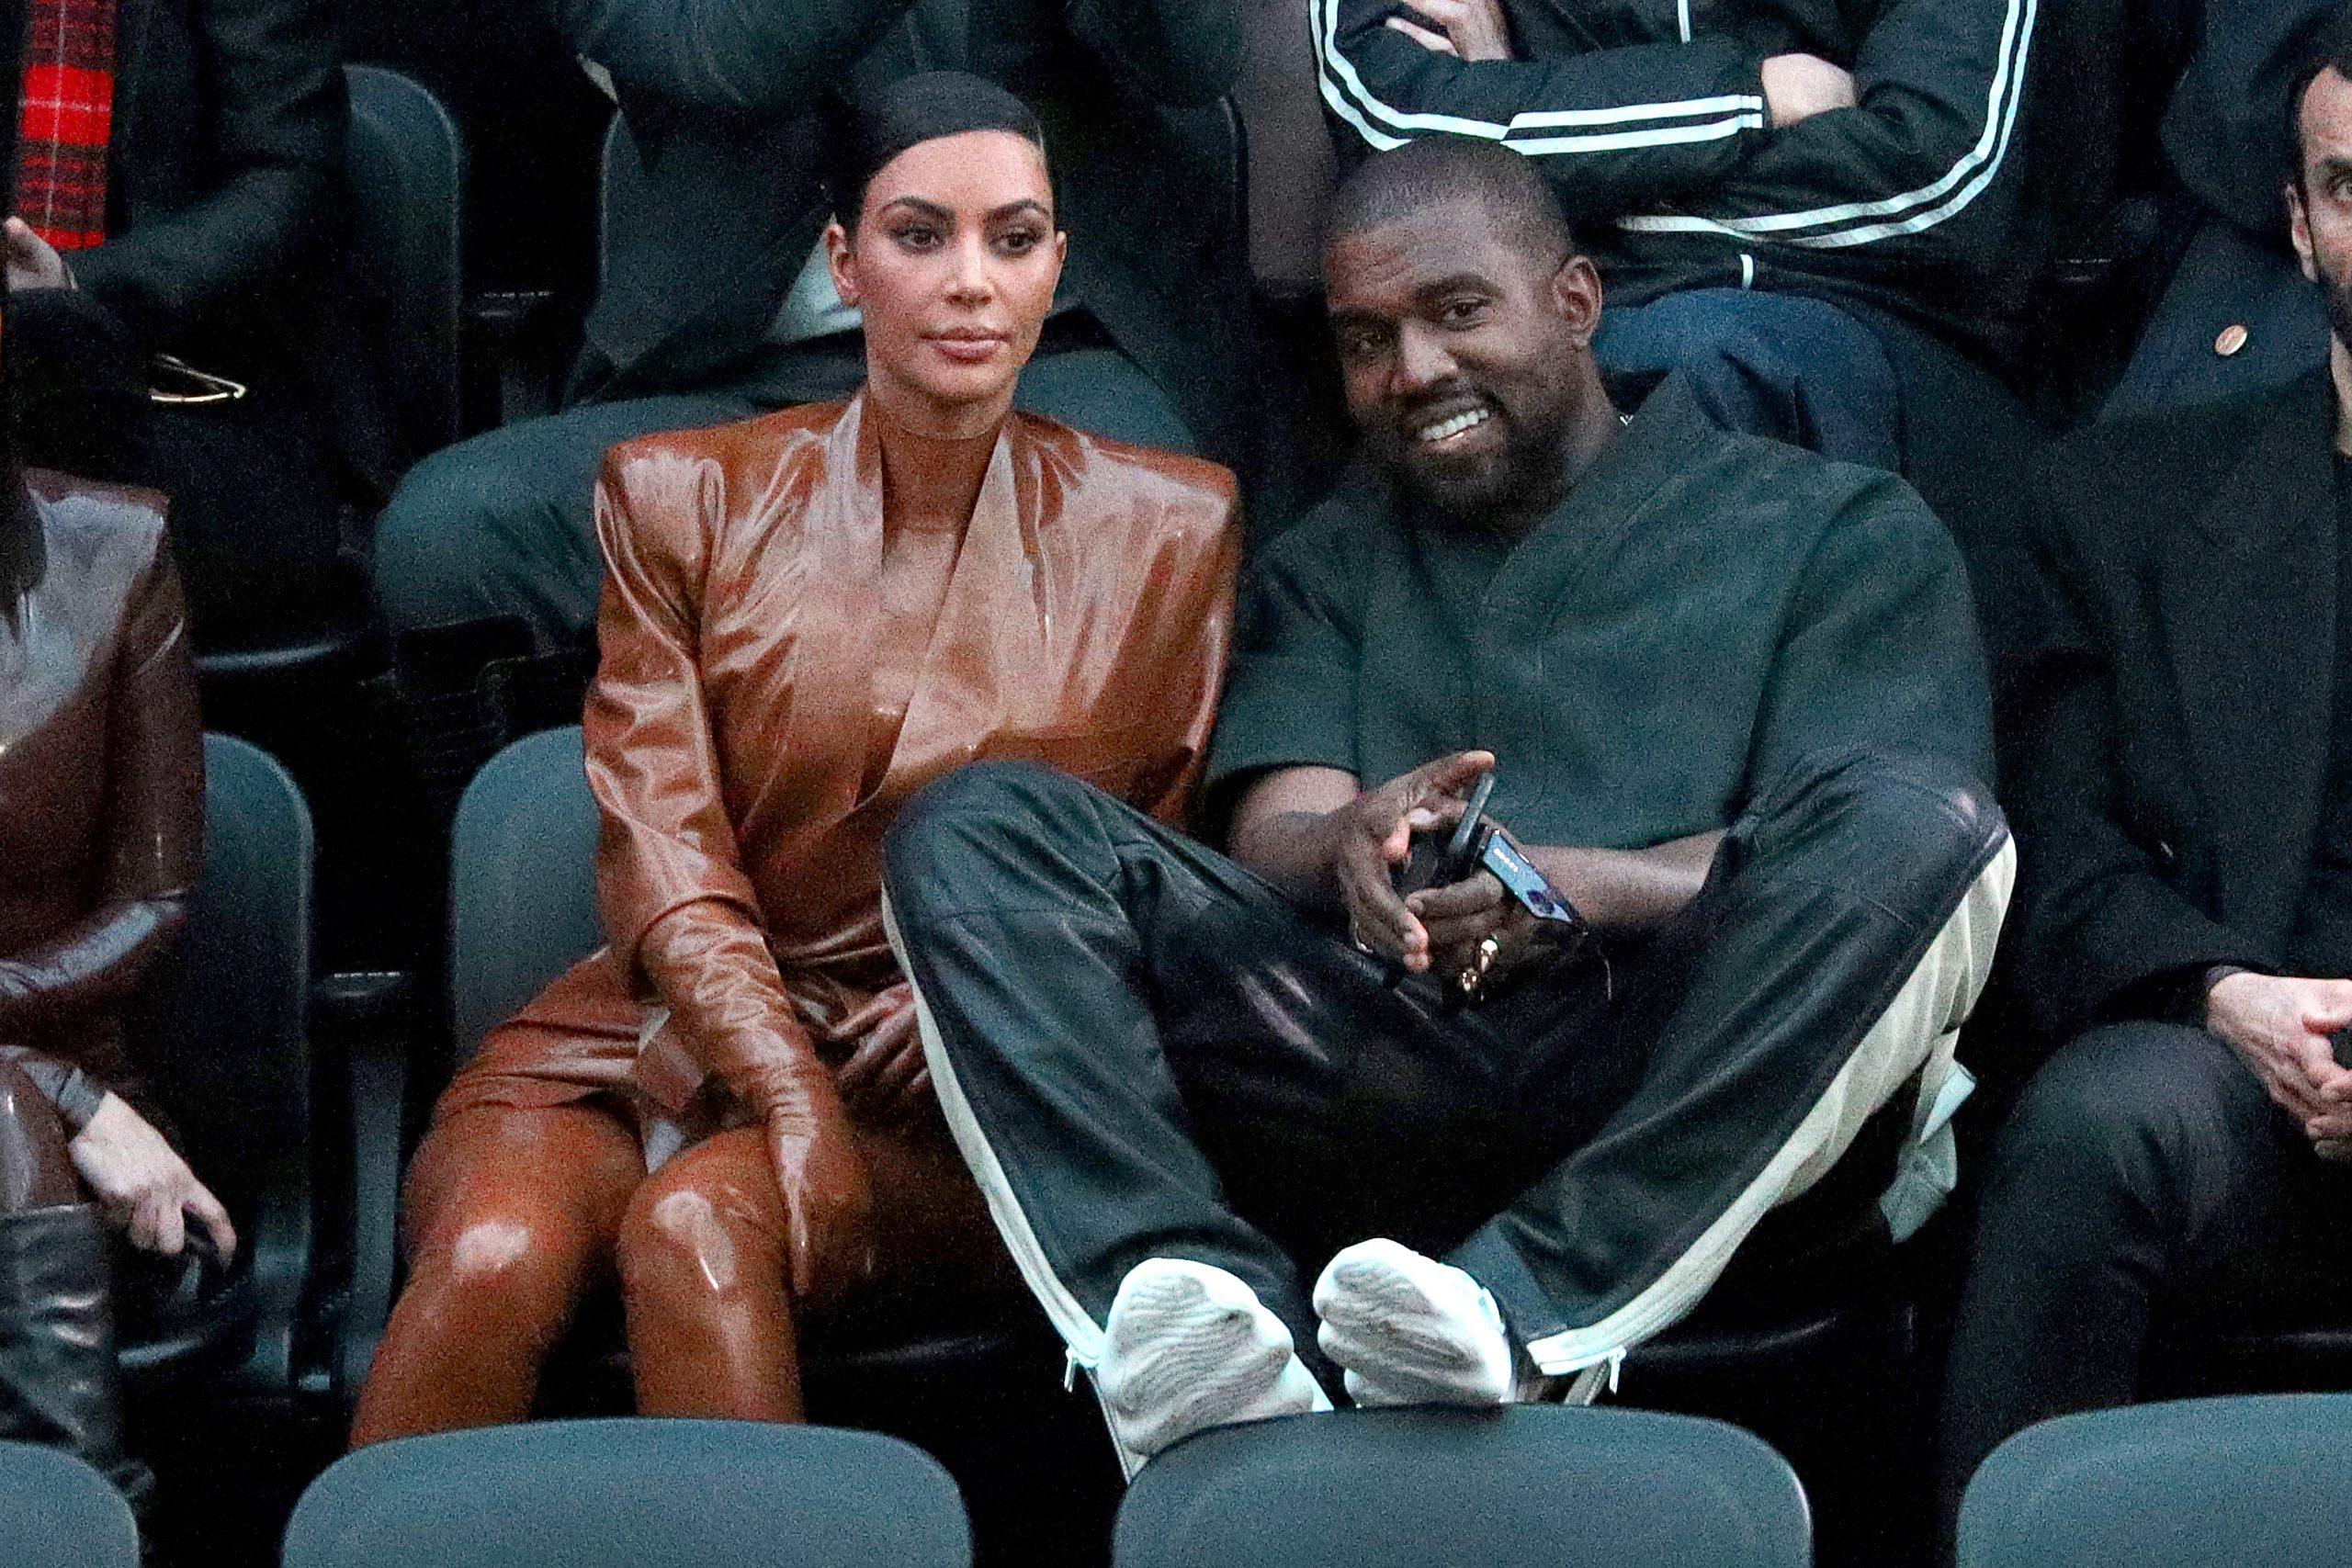 Acá los memes por la postulación de Kanye West para la presidencia de EUA